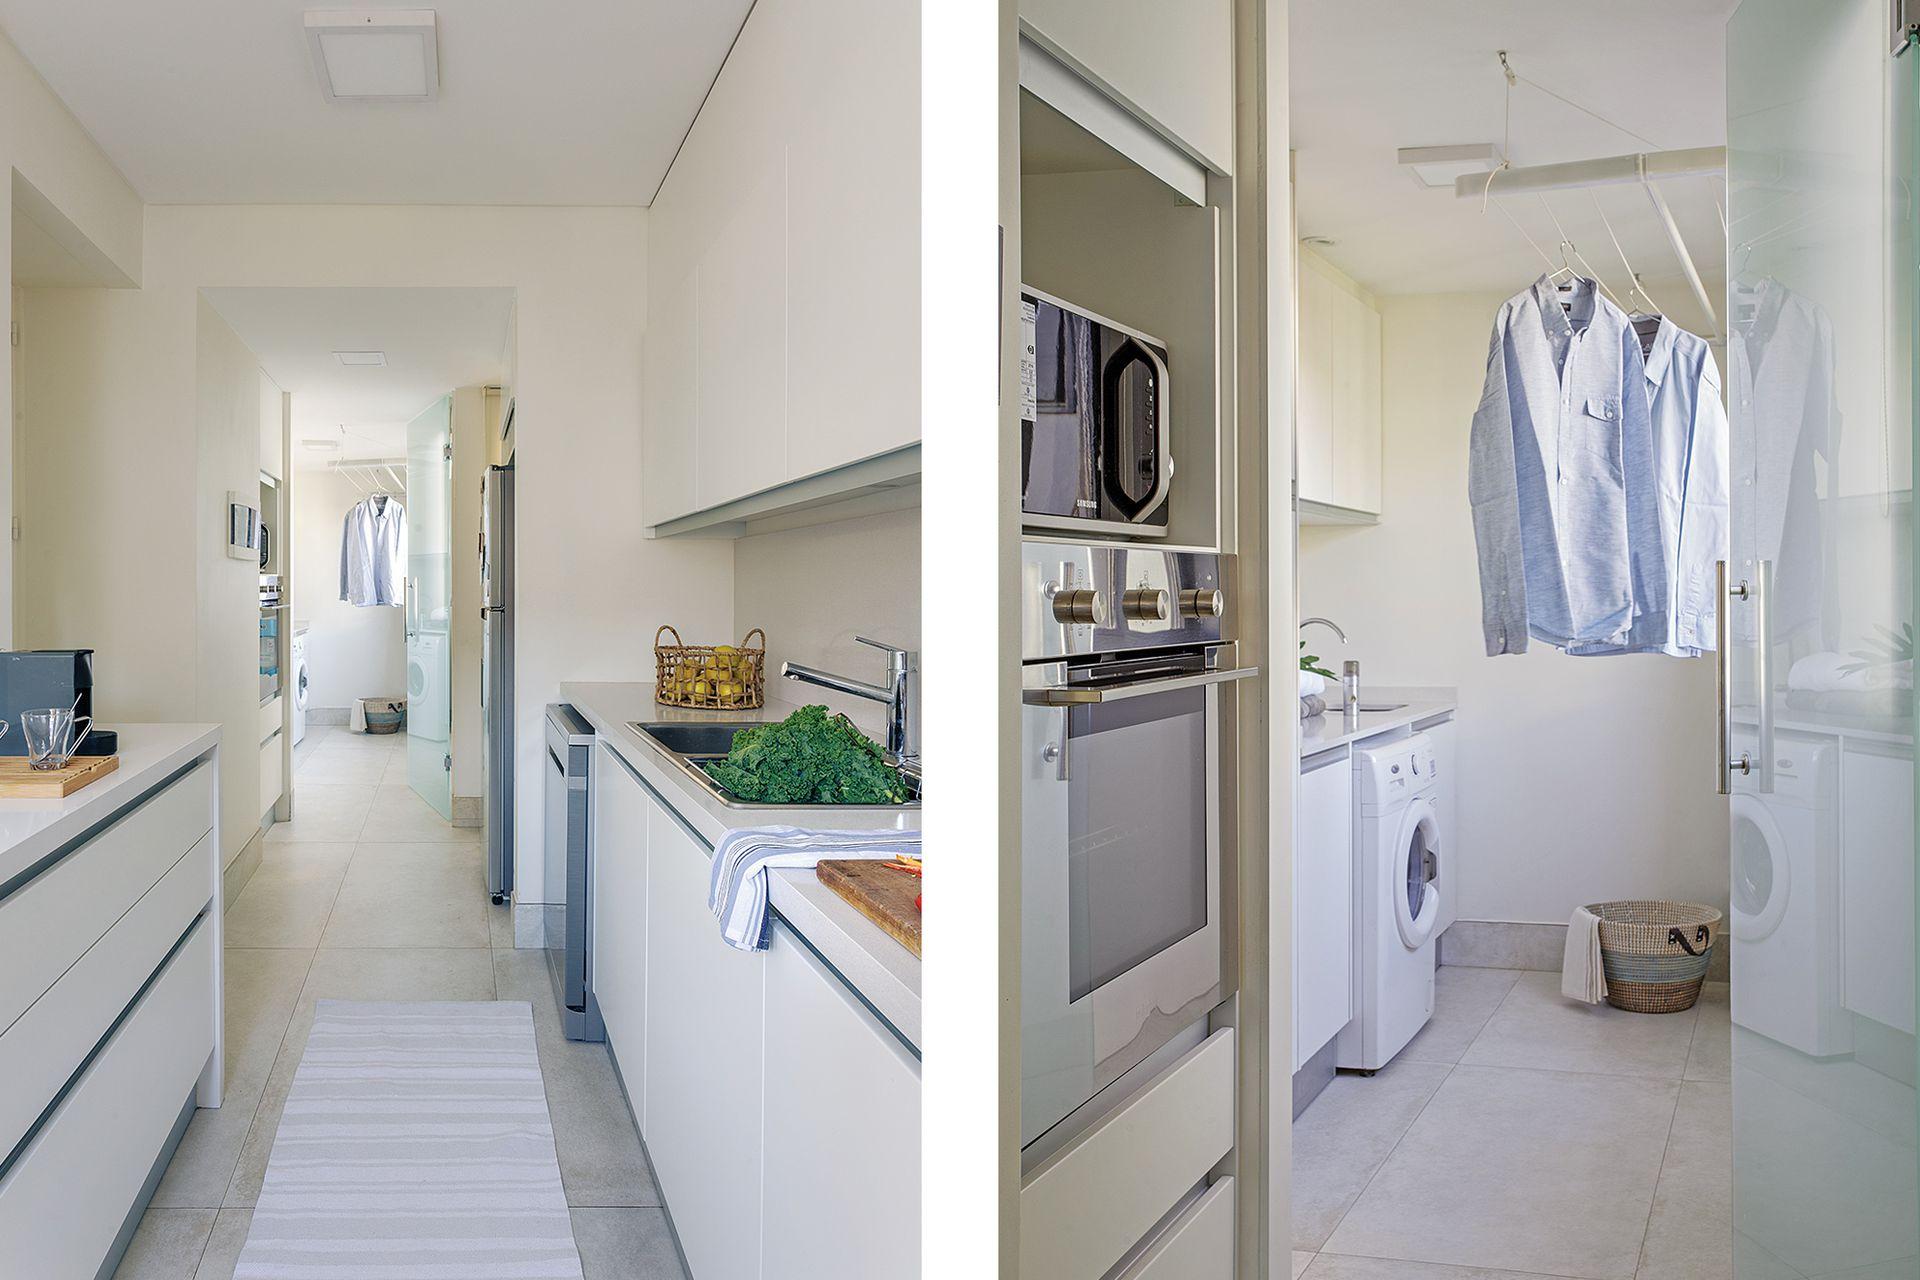 La antigua dependencia de servicio, que no se usaba como tal, fue transformada en un cómodo lavadero.